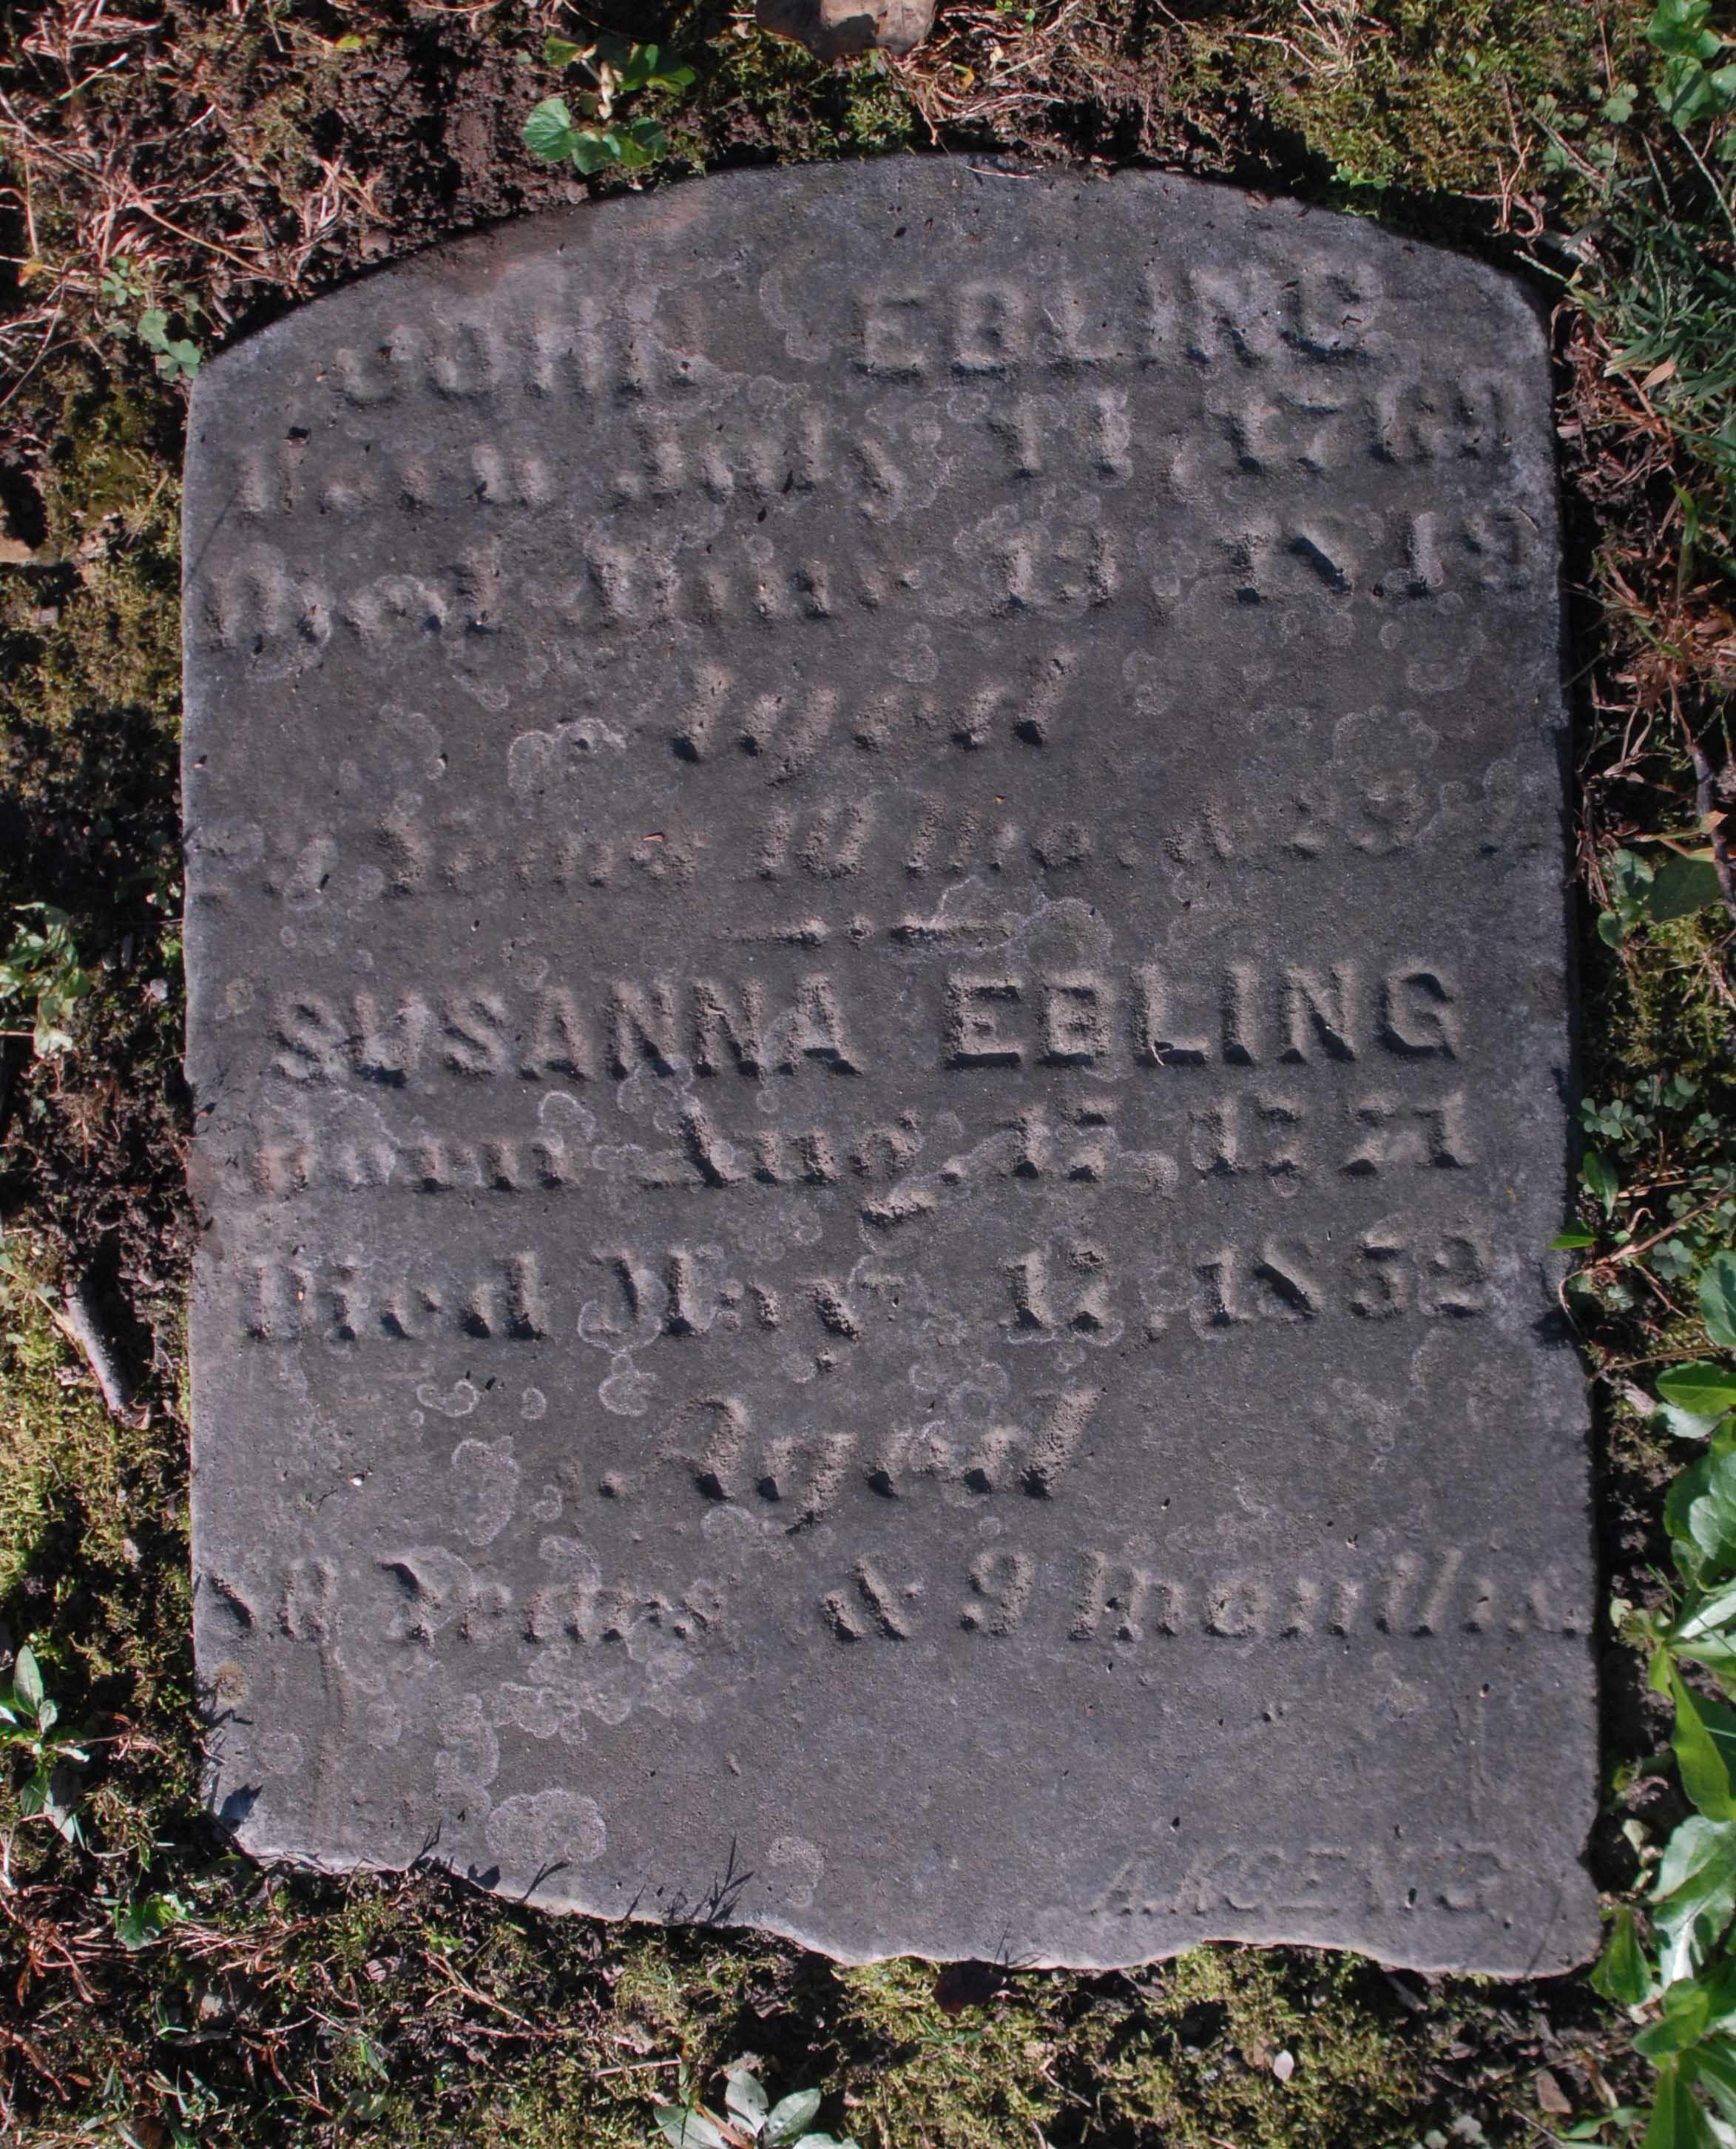 Maria Magdalena Ebling